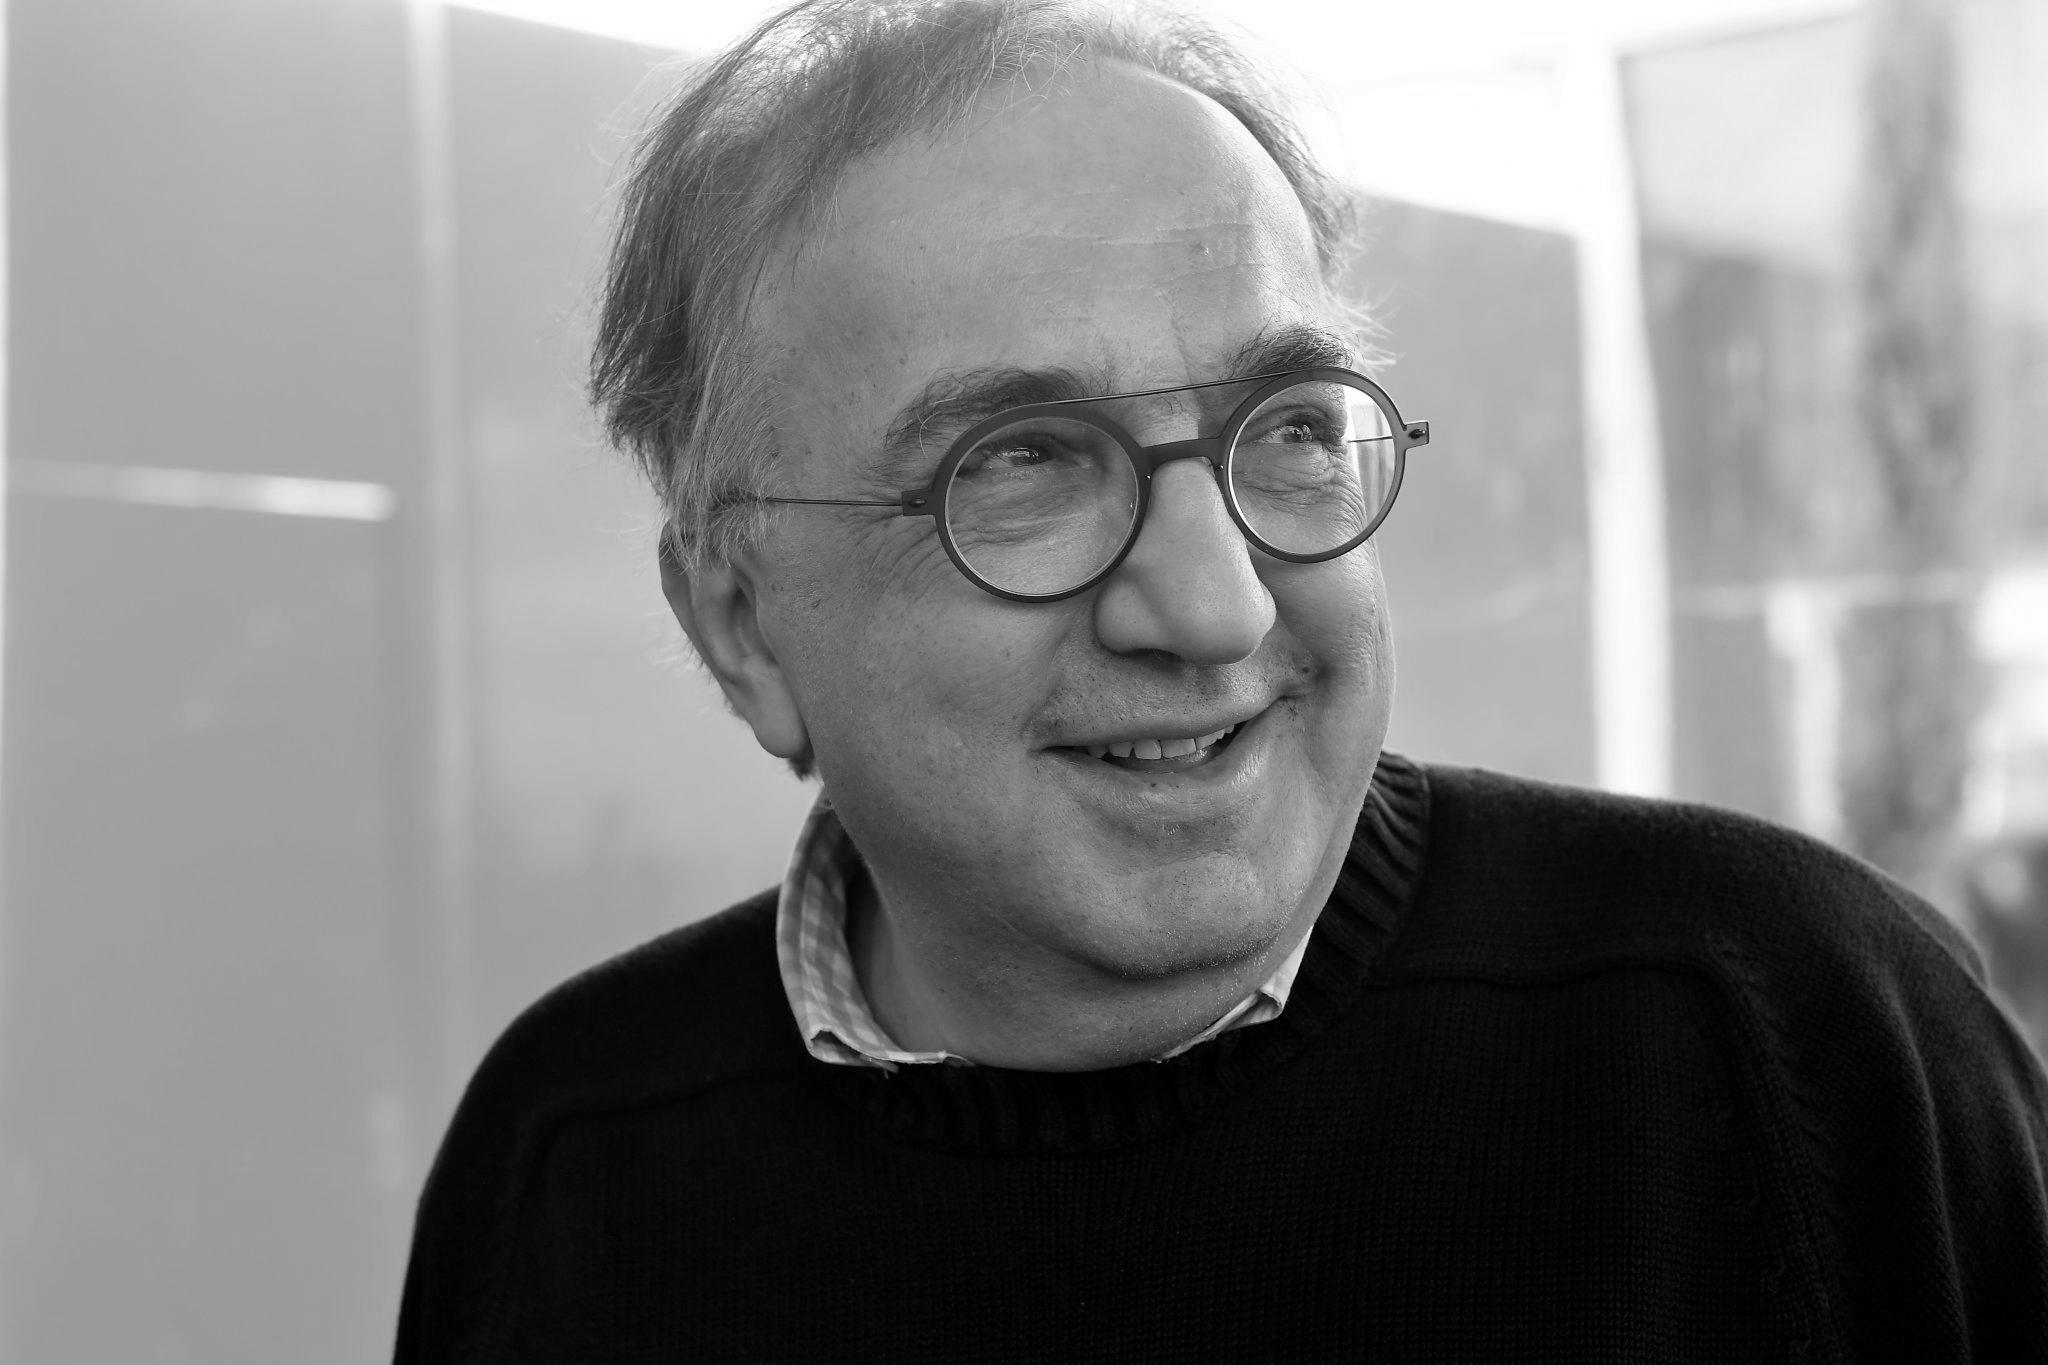 Серджио Маркионне (1952-2018)